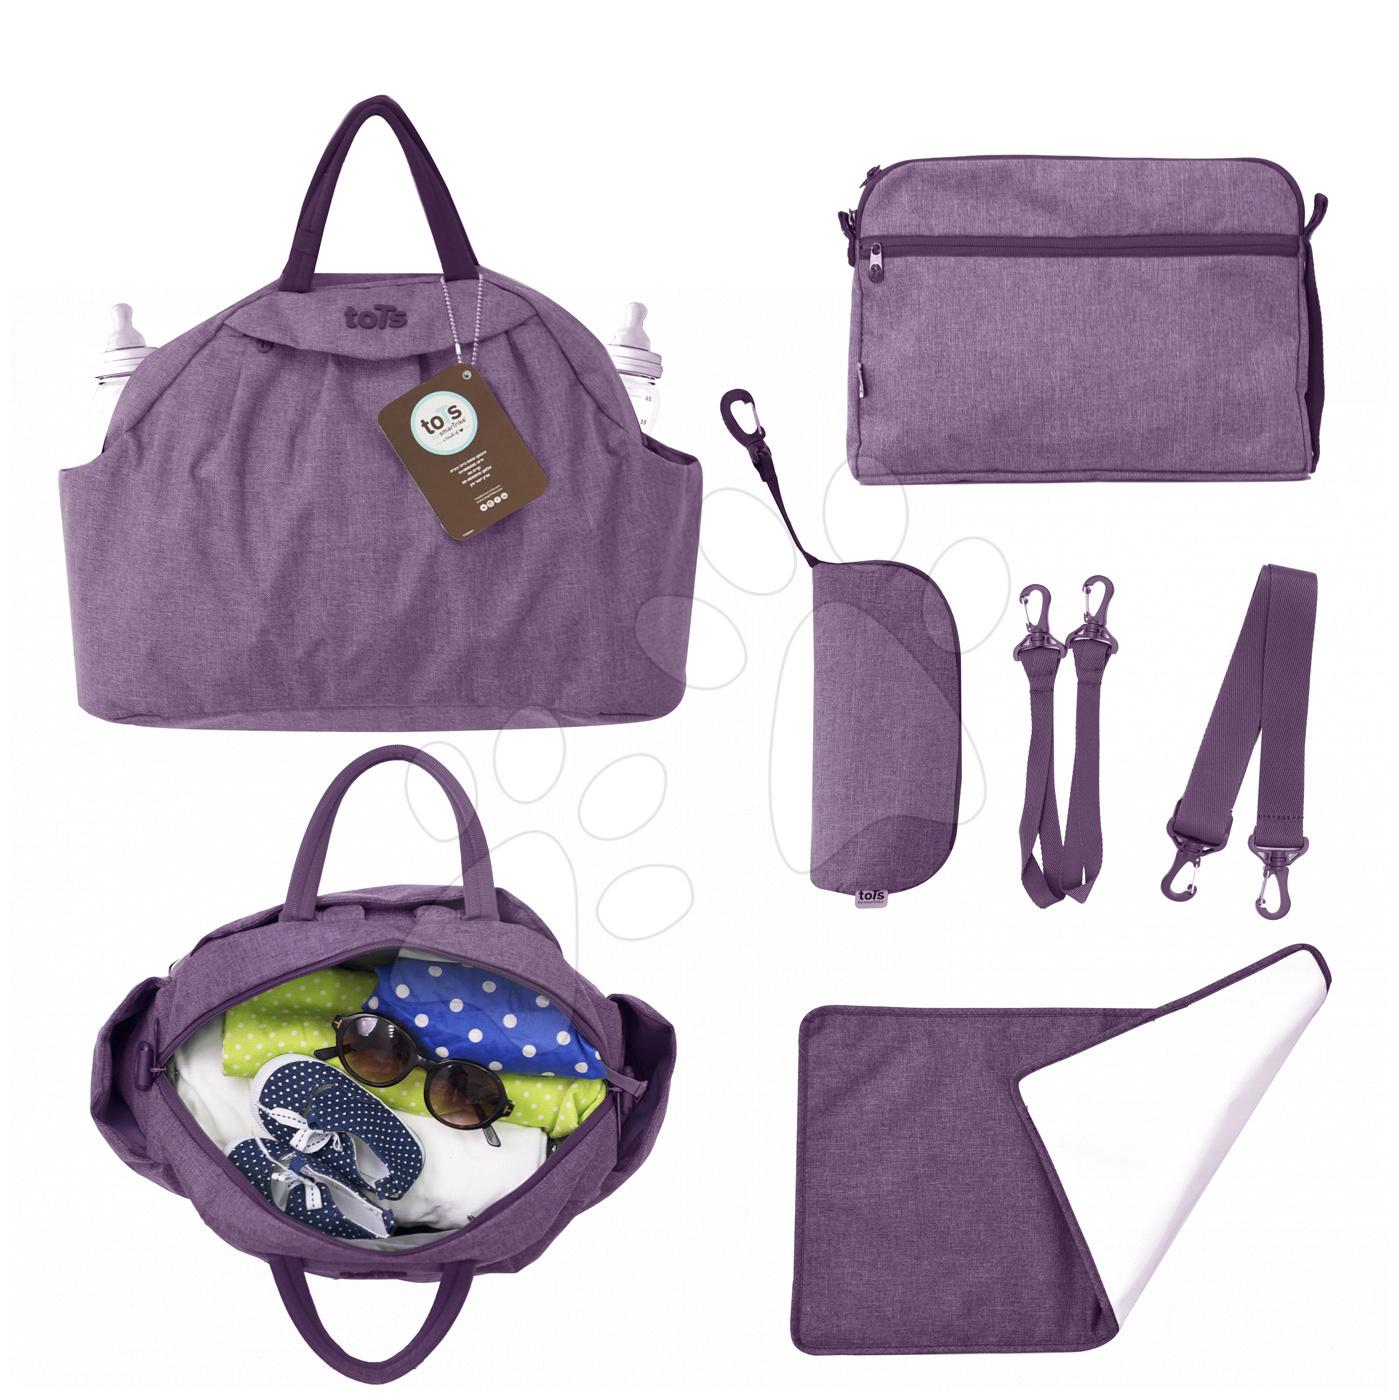 Prebaľovacia taška Chic 5v1 toTs-smarTrike s vnútornou taškou a termoobalom na fľašu fialová